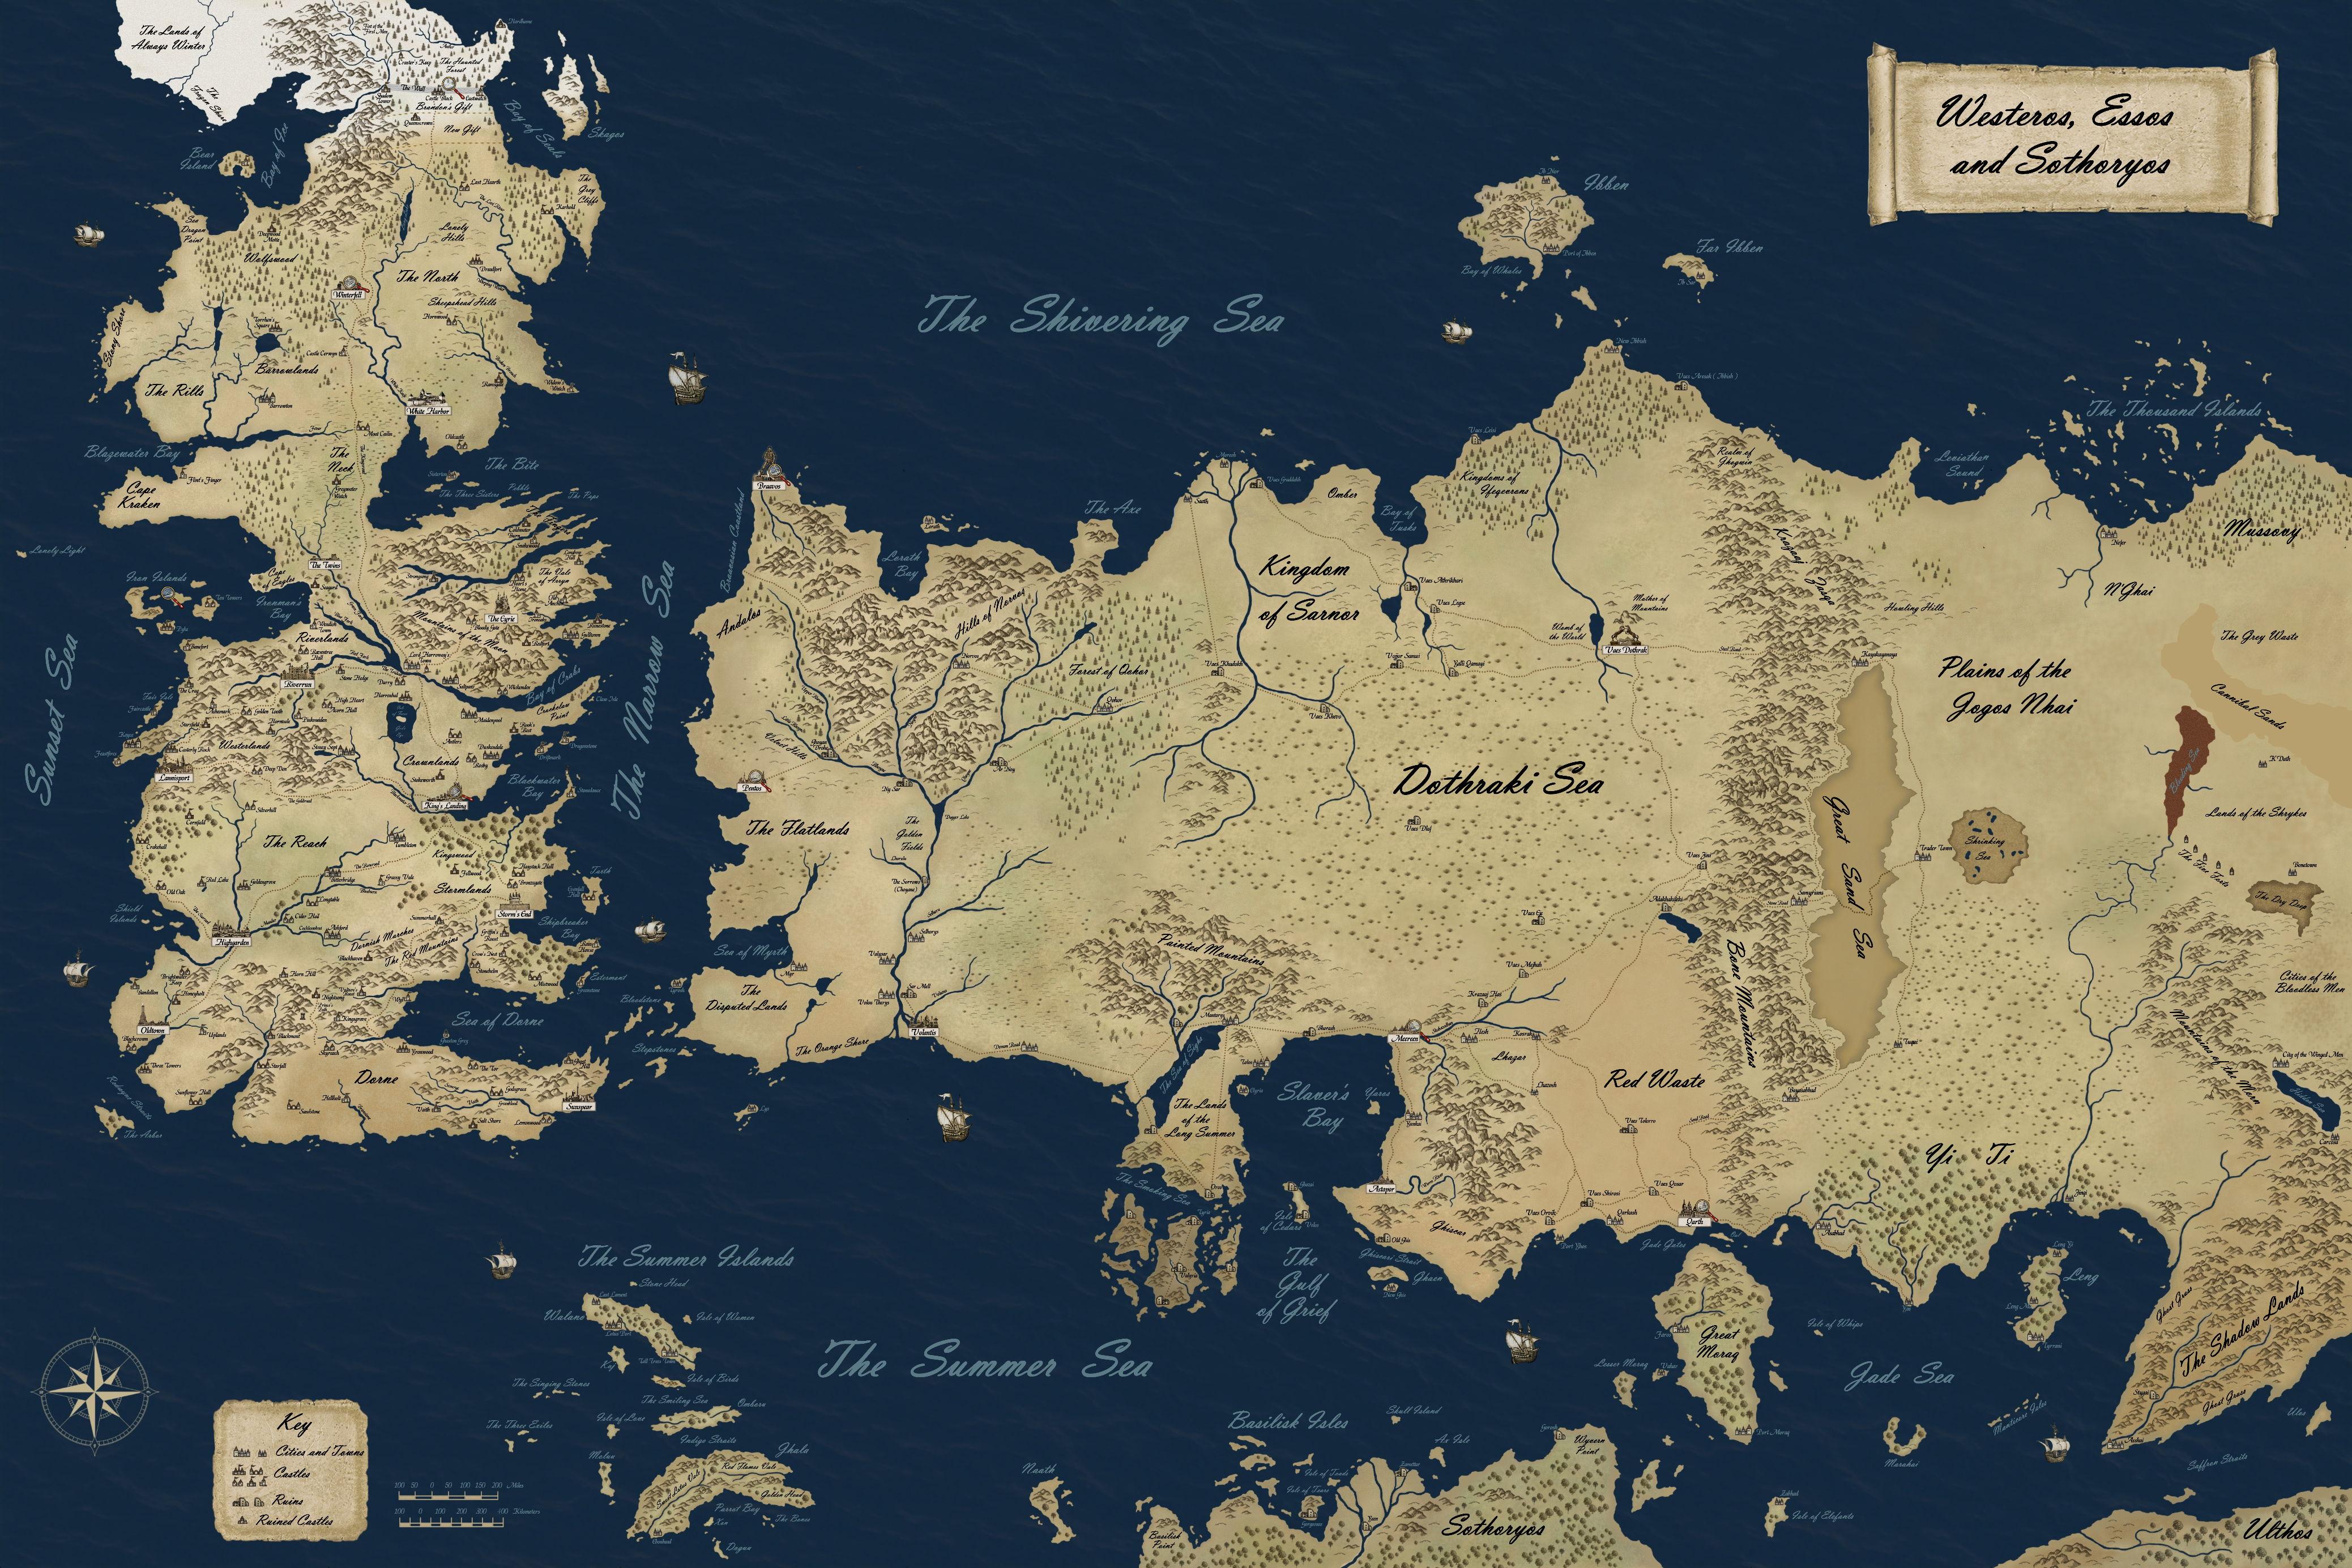 Карта мира Джорджа Мартина. Континенты Вестерос, Эссос и Соториос